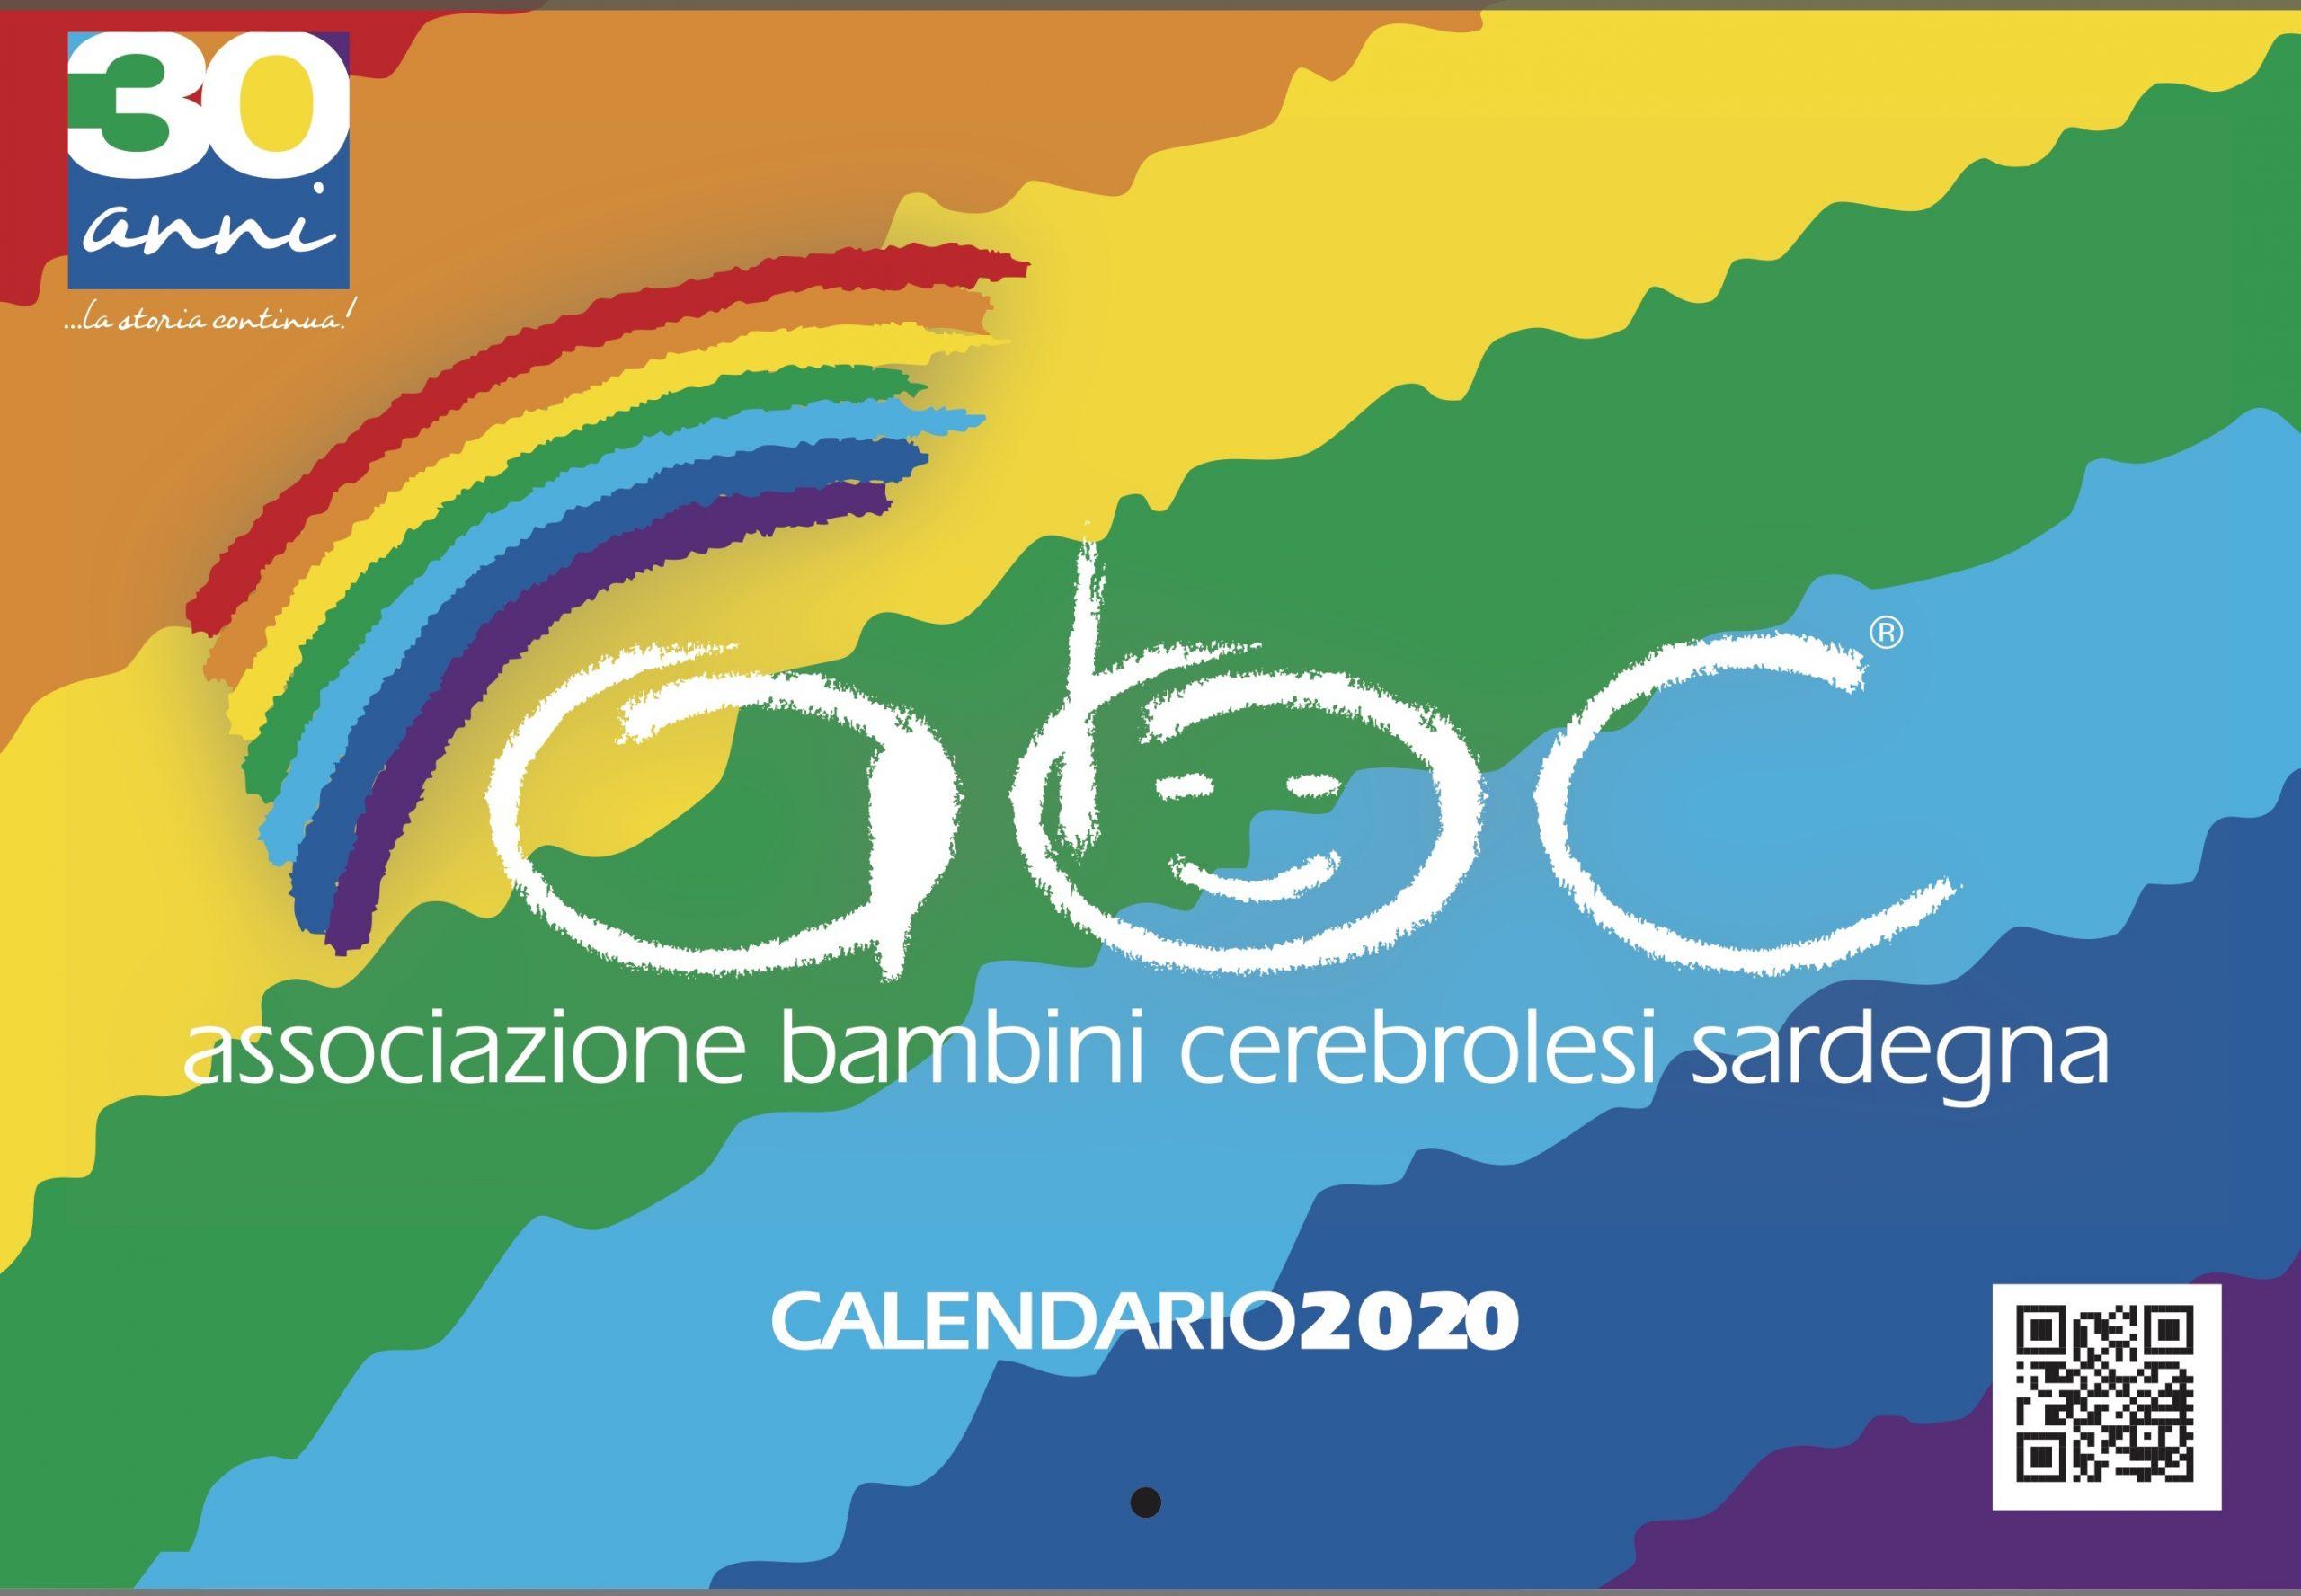 ABC cal20 pag 1